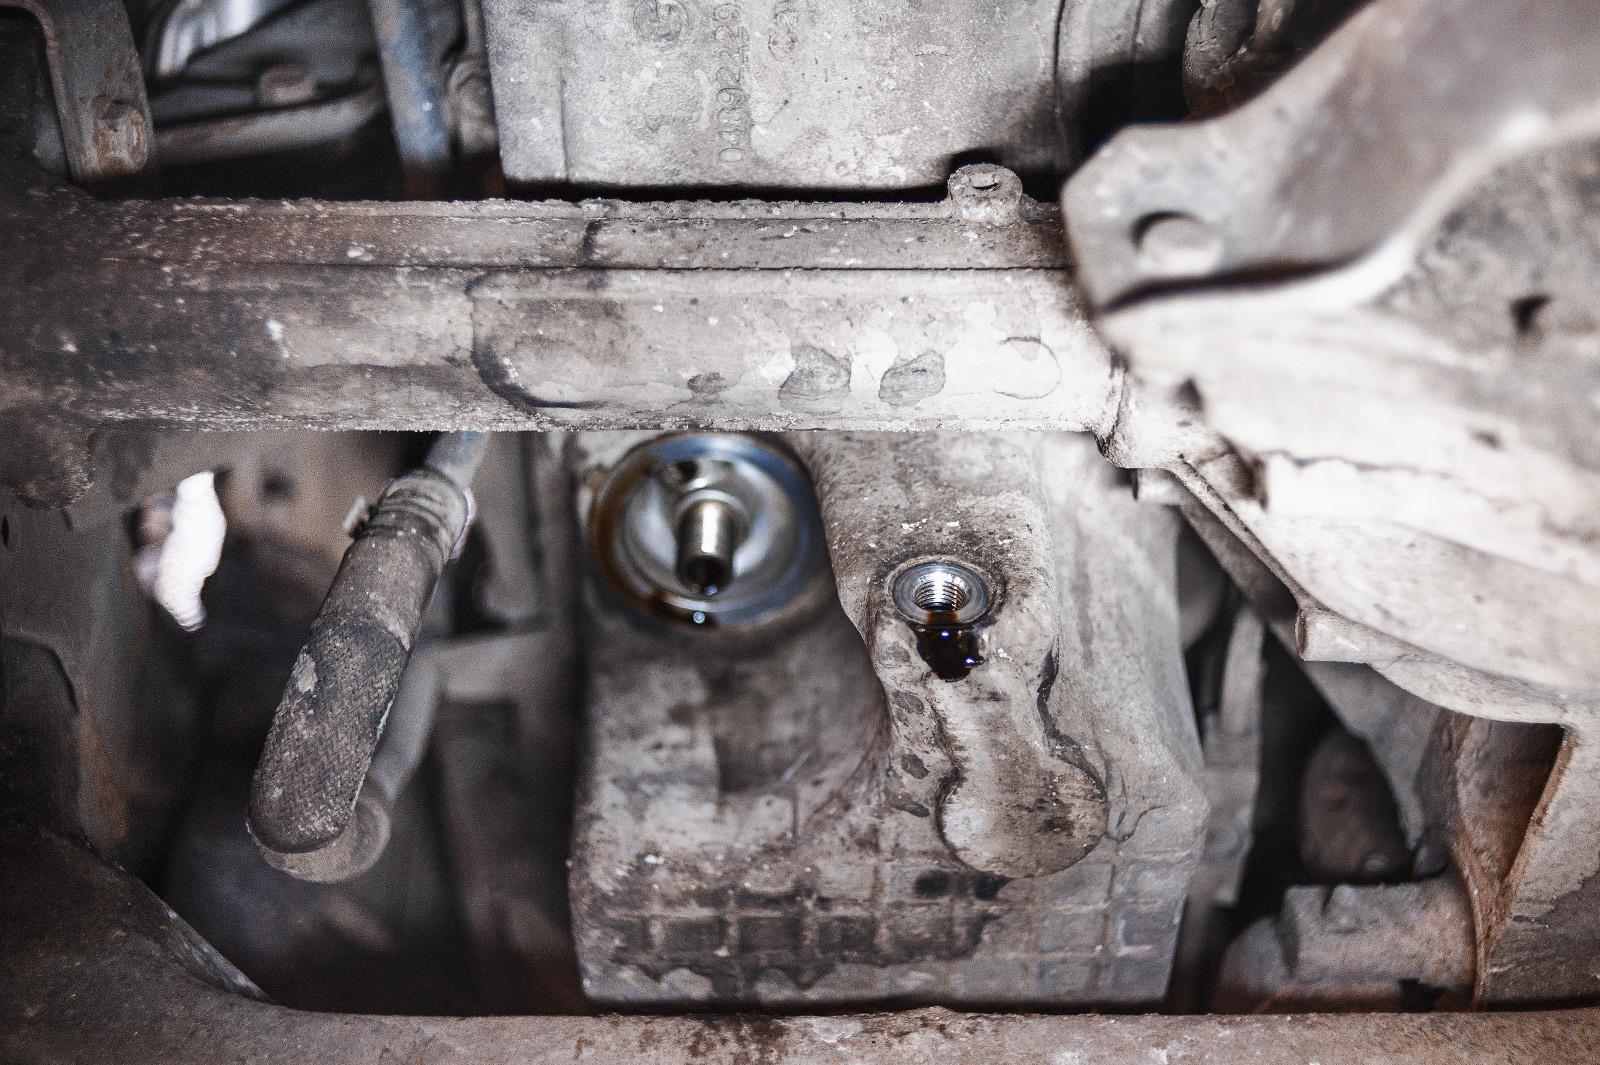 Сливаем масло и откручиваем фильтр Додж Нитро